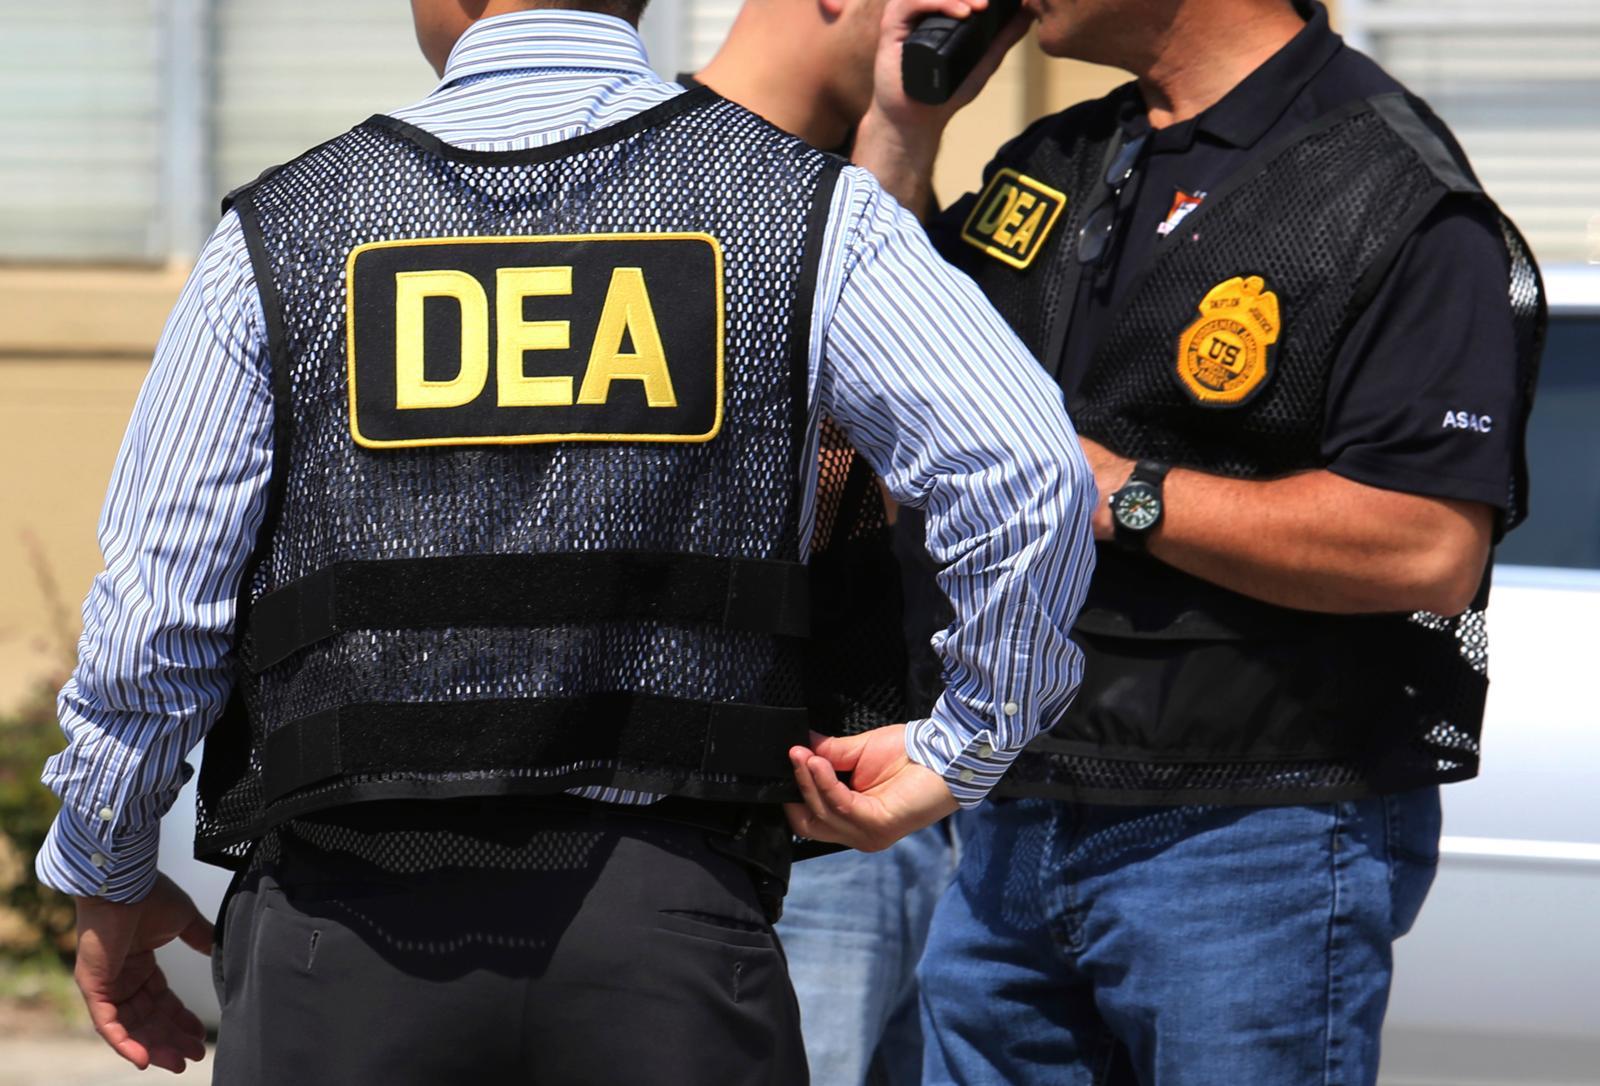 La DEA anunció sobre tres vacantes que está ofertando en el territorio mexicano para unirse a puestos de inteligencia.